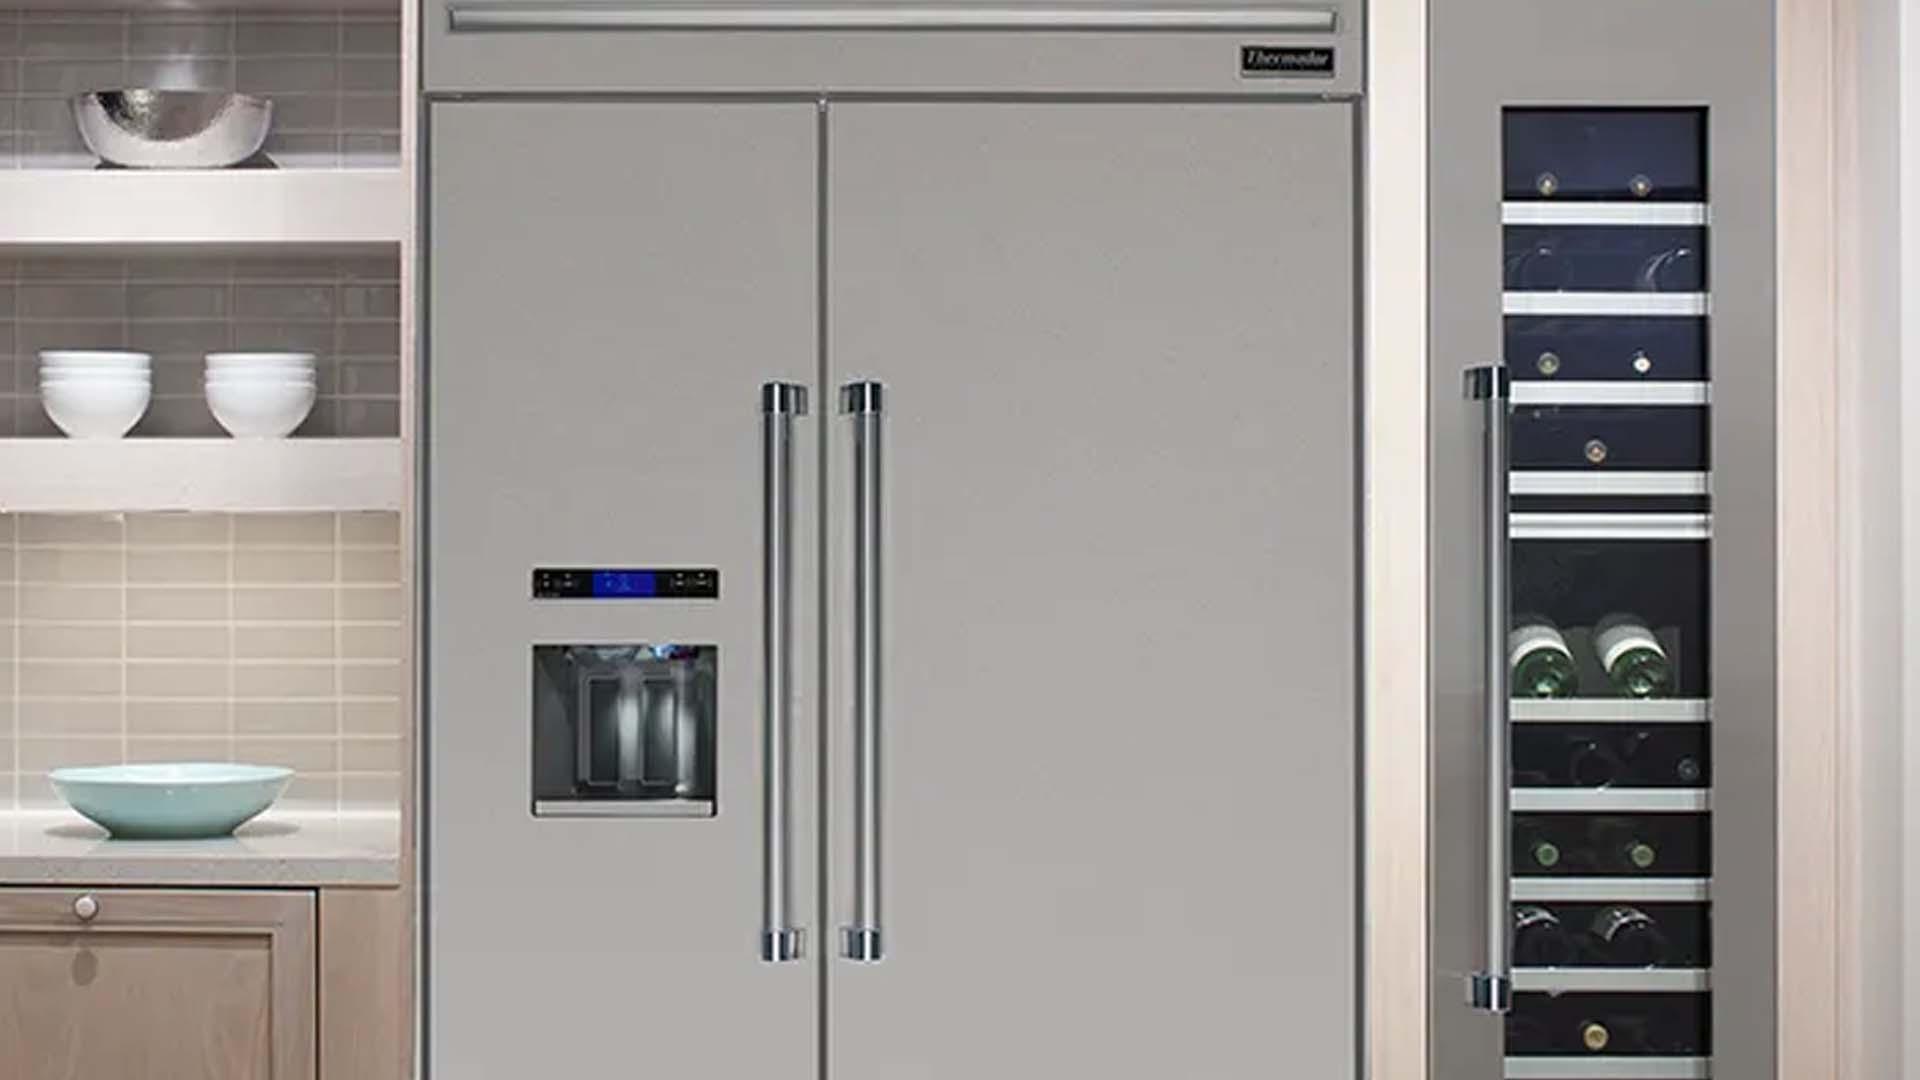 Thermador Refrigerator Columns Repair Near Me | Thermador Appliance Repair Pros